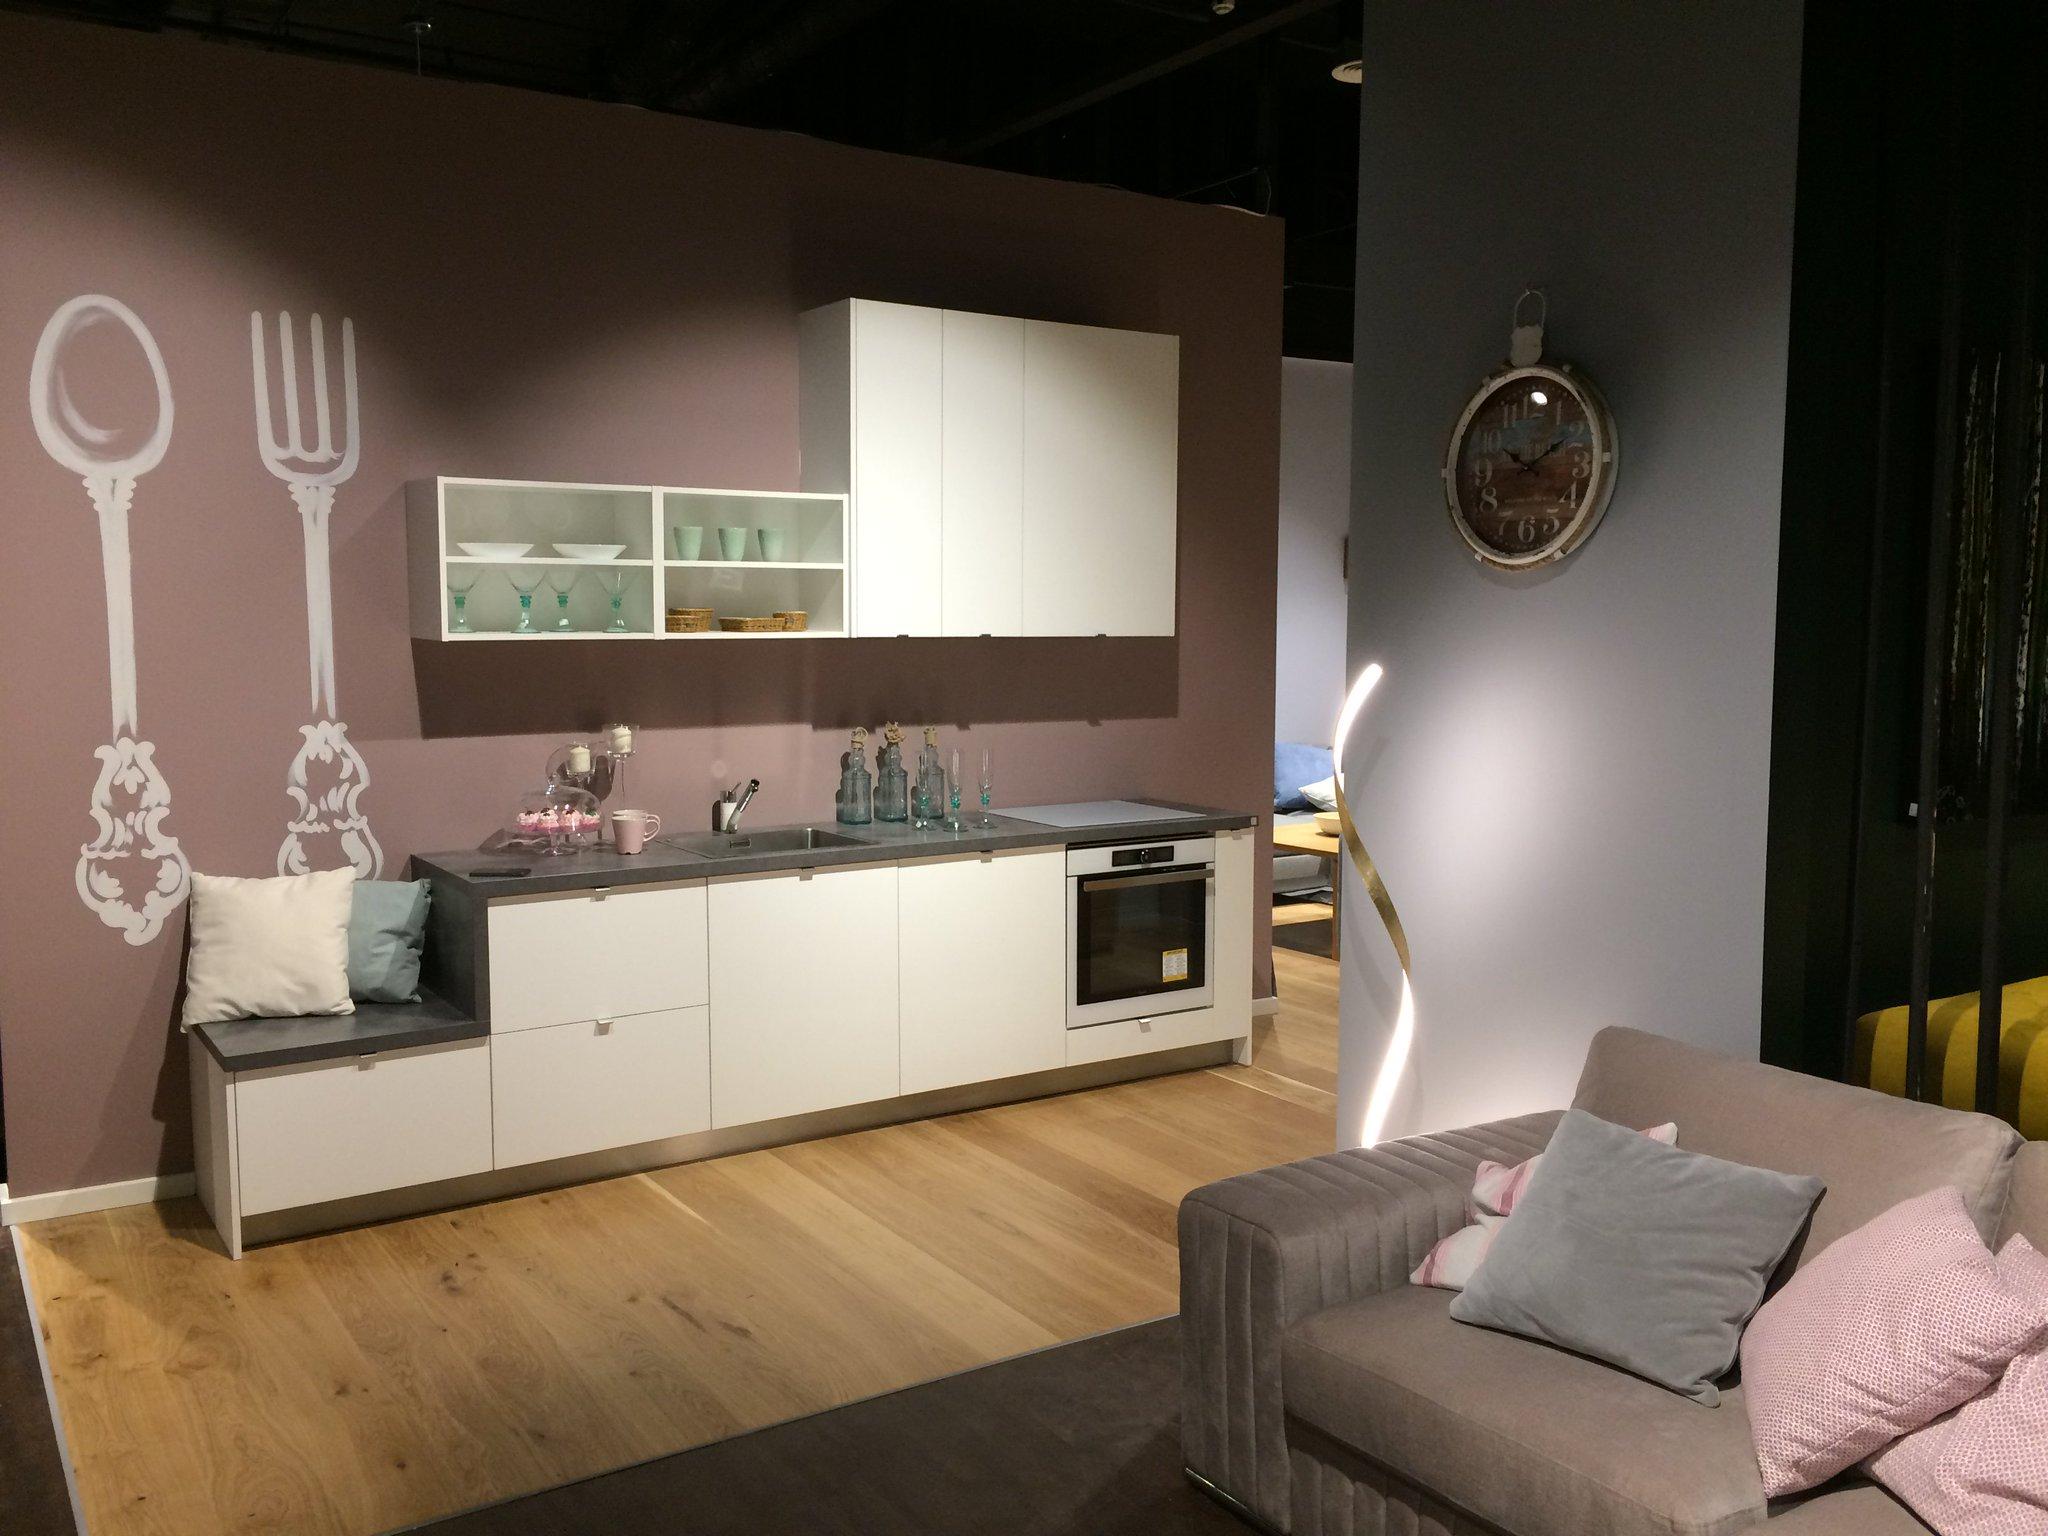 Wfm Kuchnie On Twitter Gdańsk Kuchnia W Wyjątkowej Cenie